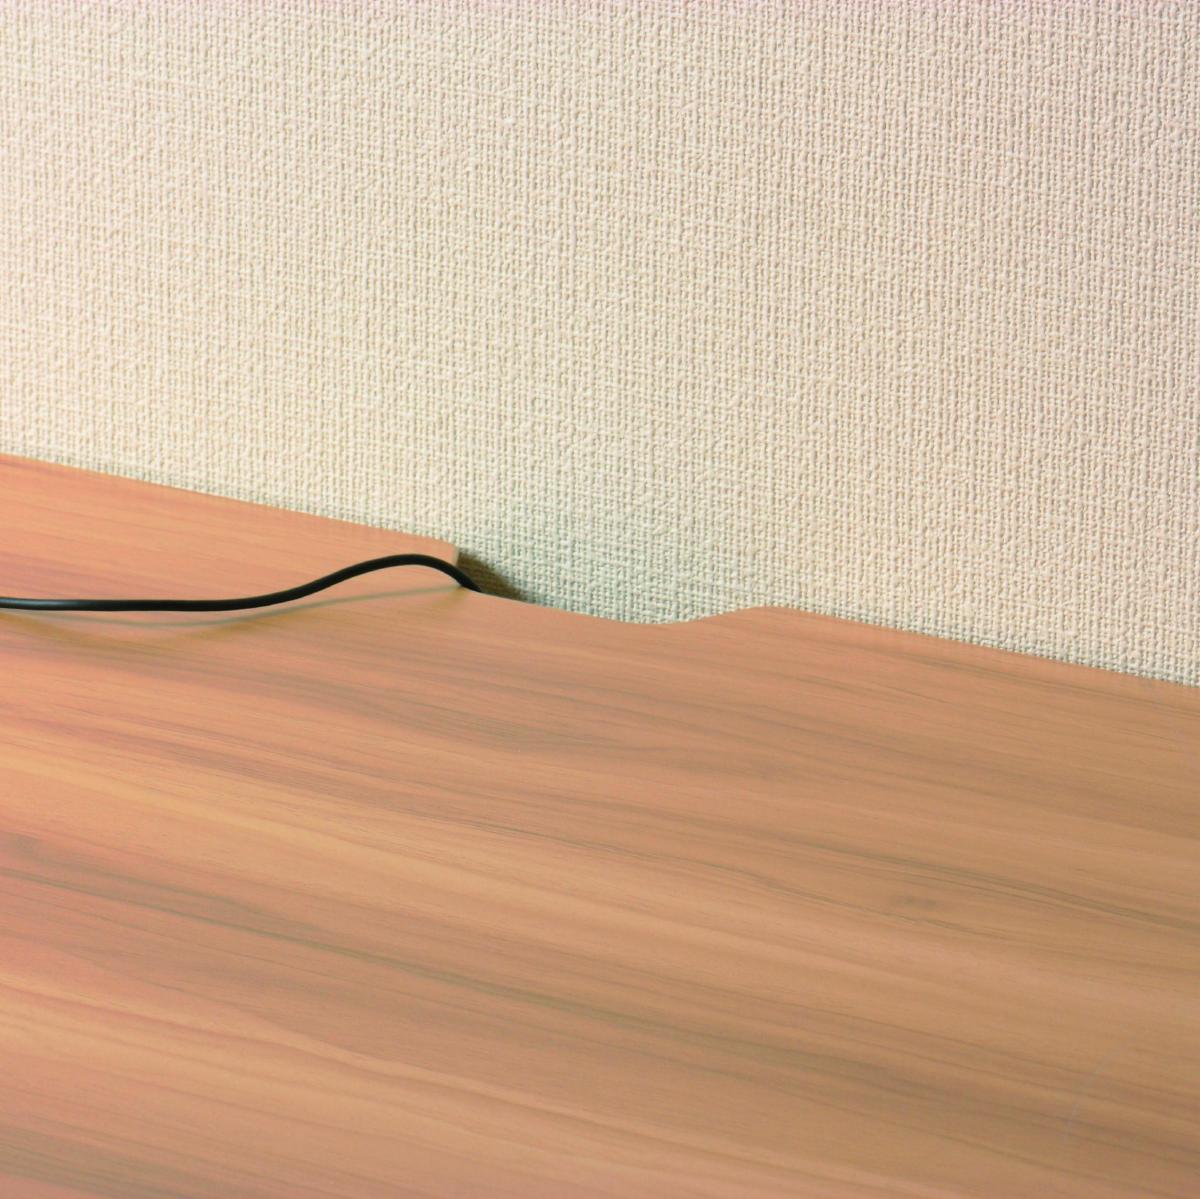 【送料無料】木製デスク   机 つくえ 平机 デスク ワークデスク オフィスデスク 事務用デスク 事務デスク ワークテーブル オフィス家具 PCデスク パソコンデスク 事務机 会社 幅1000mm 幅100cm 平デスク 引き出し付き 引き出し メラミン 木製 組み立て 北欧 おしゃれ MD-1050